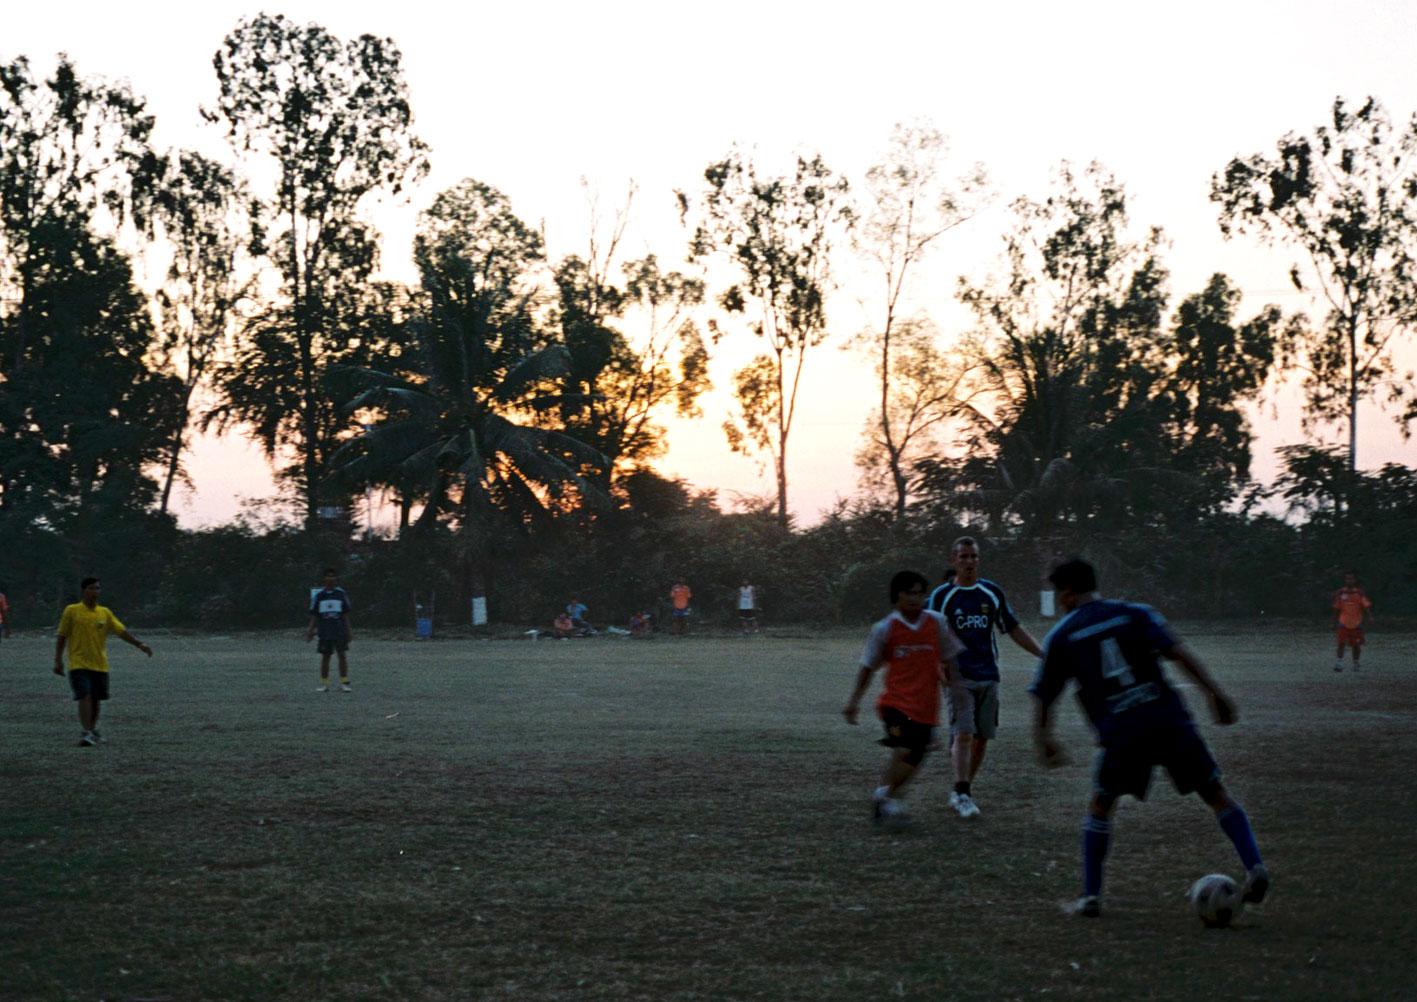 2007_1_PhnomhPenhUtd5.jpg